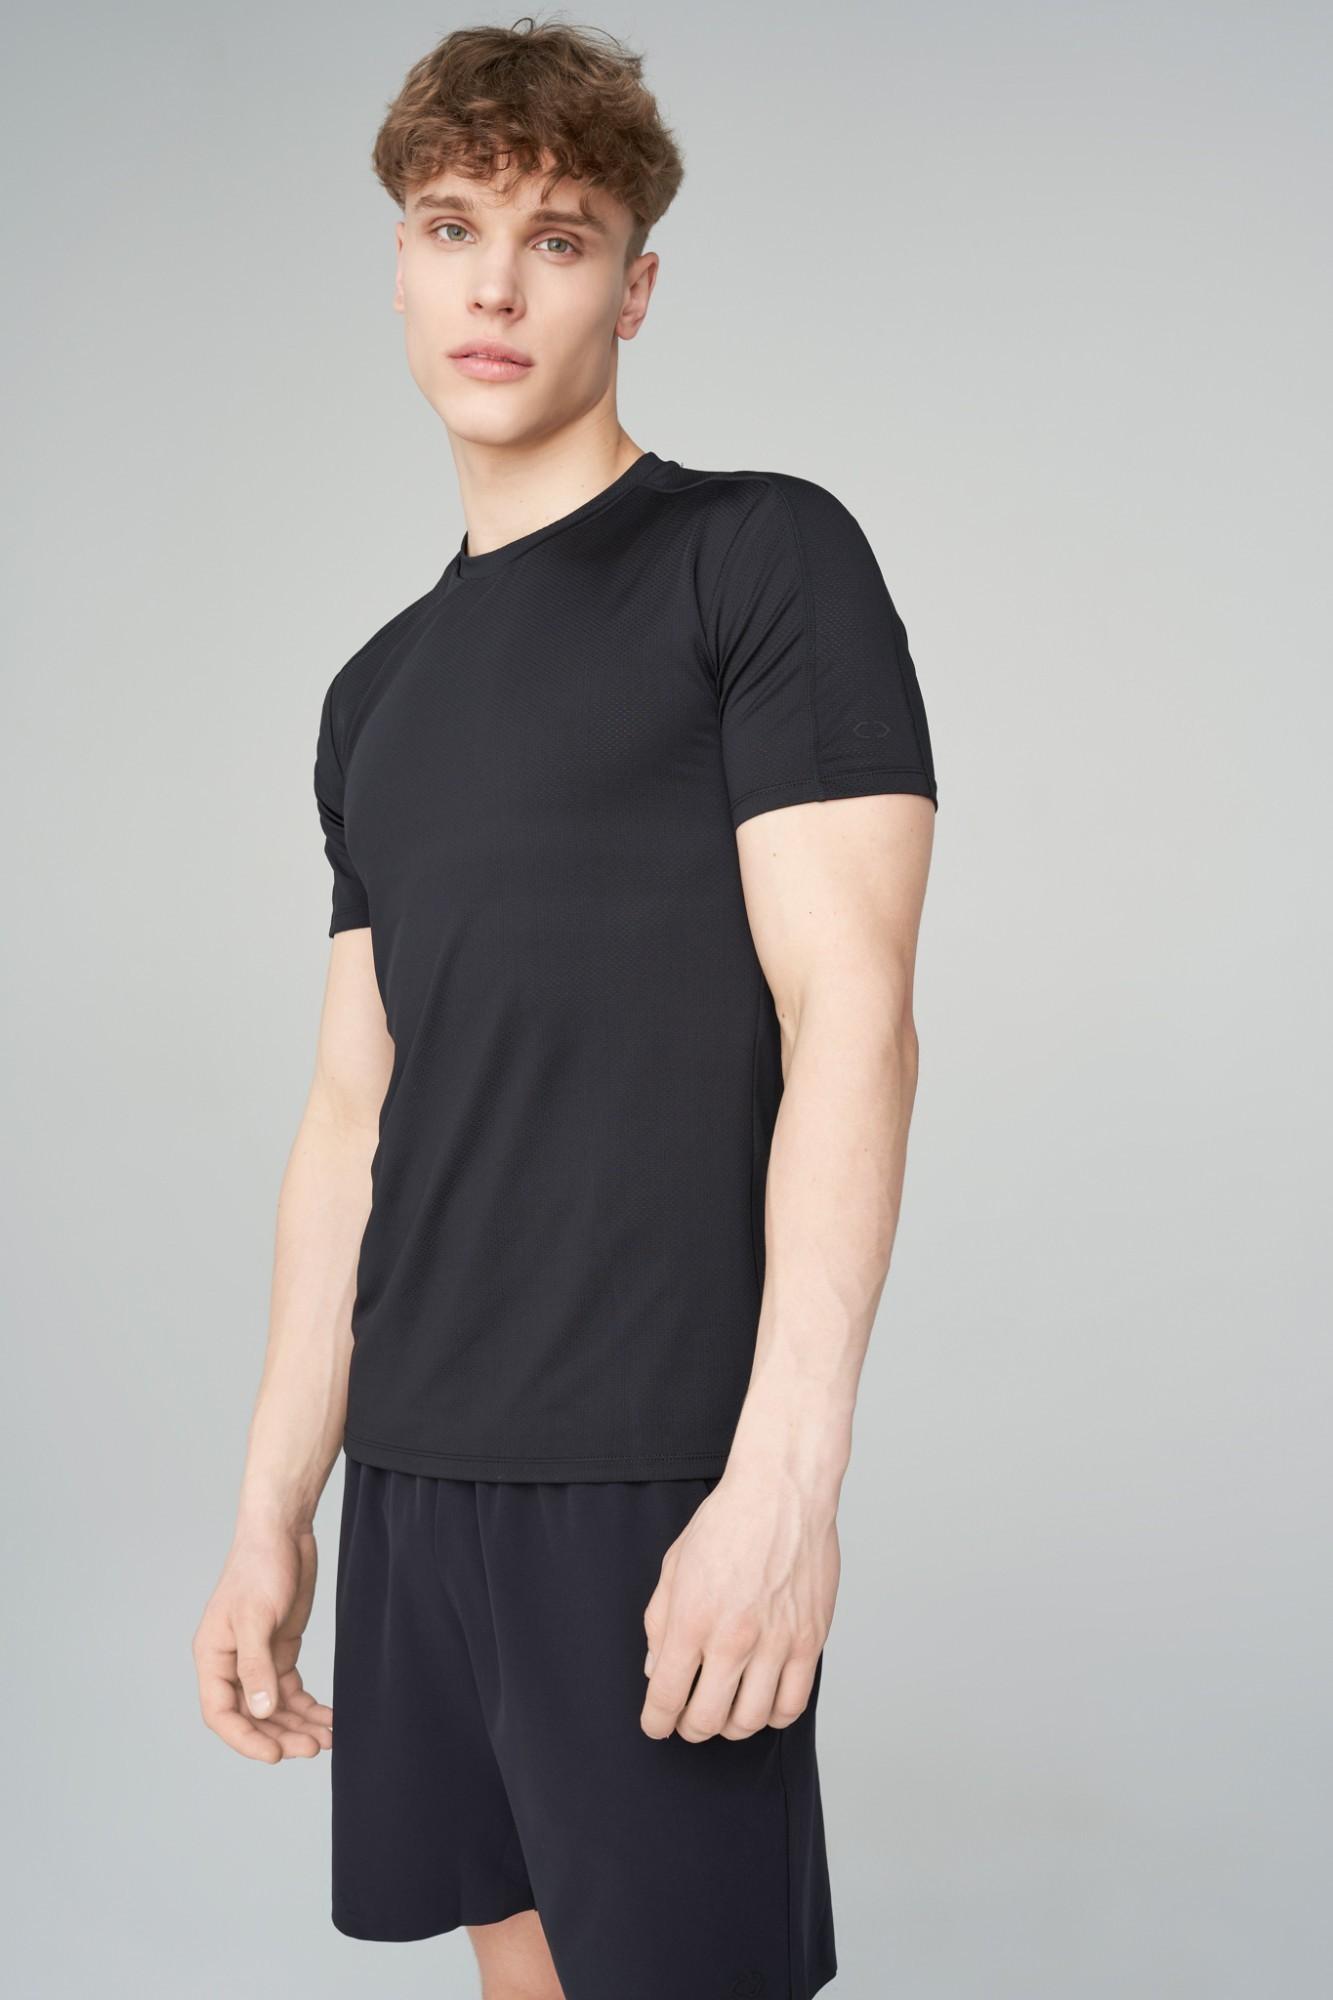 AUDIMAS Funkcionalūs marškinėliai 2021-495-1 Black XL